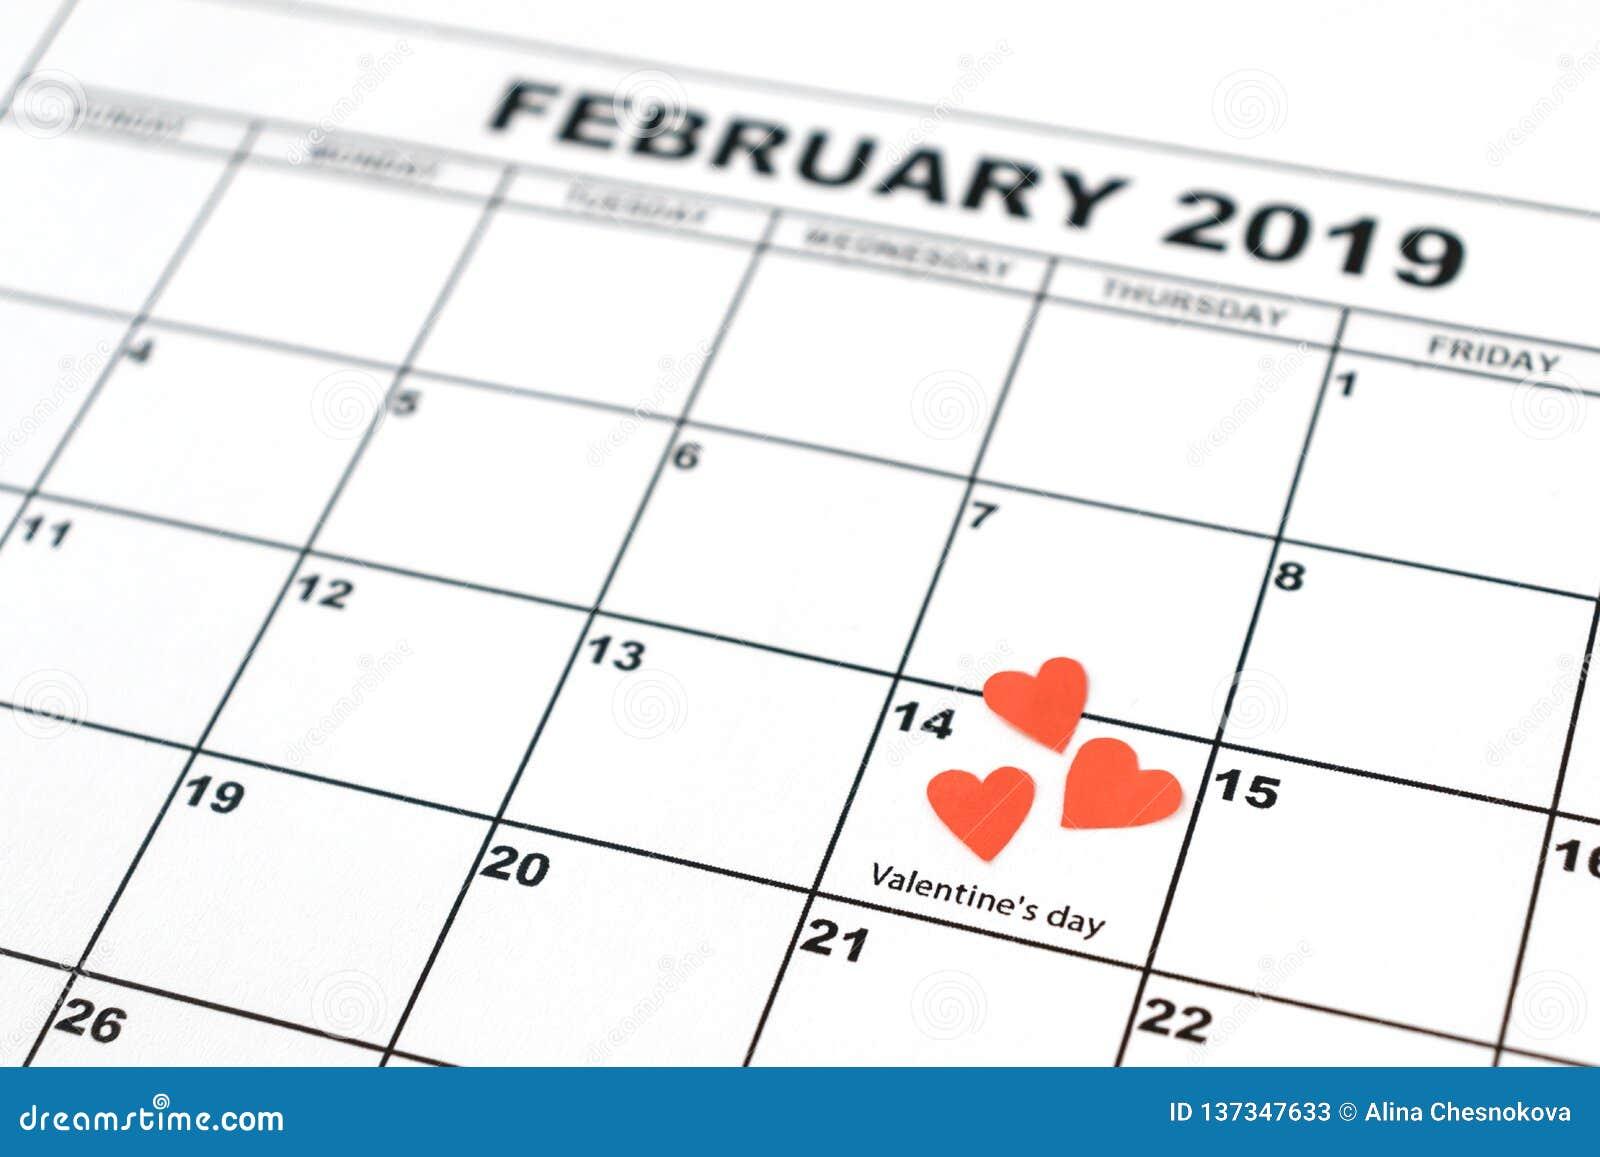 Ημέρα βαλεντίνου, στις 14 Φεβρουαρίου στο ημερολόγιο με την κόκκινη καρδιά